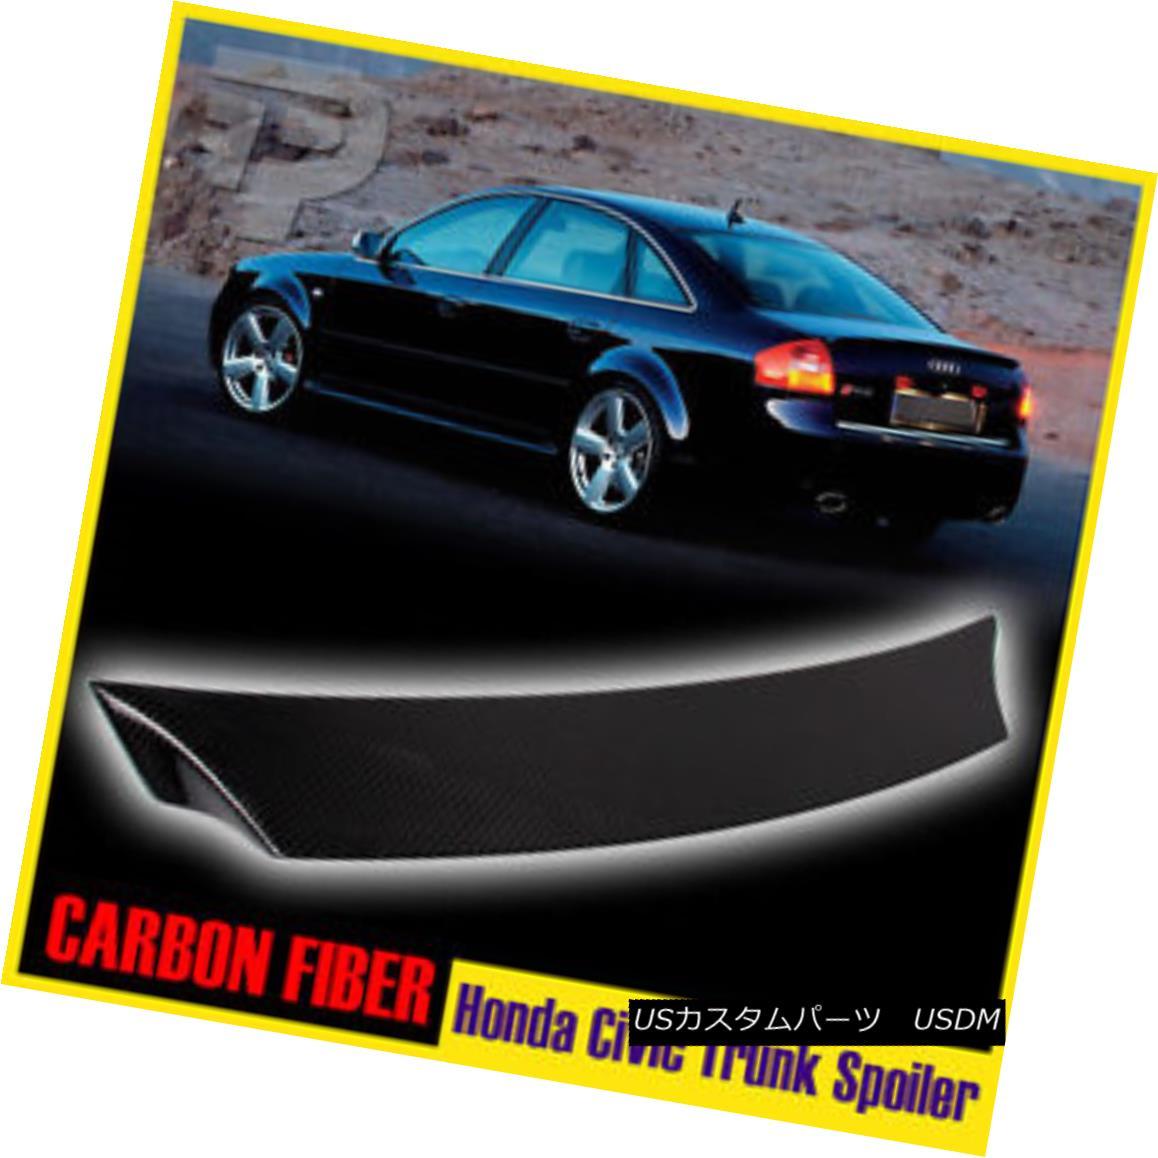 エアロパーツ Carbon Fiber Honda Civic 10th 4D Saloon V-Type Rear Trunk Spoiler Boot LX DX カーボンファイバーホンダシビック第10回4DサルーンV型後部トランク・スポイラー・ブートLX DX